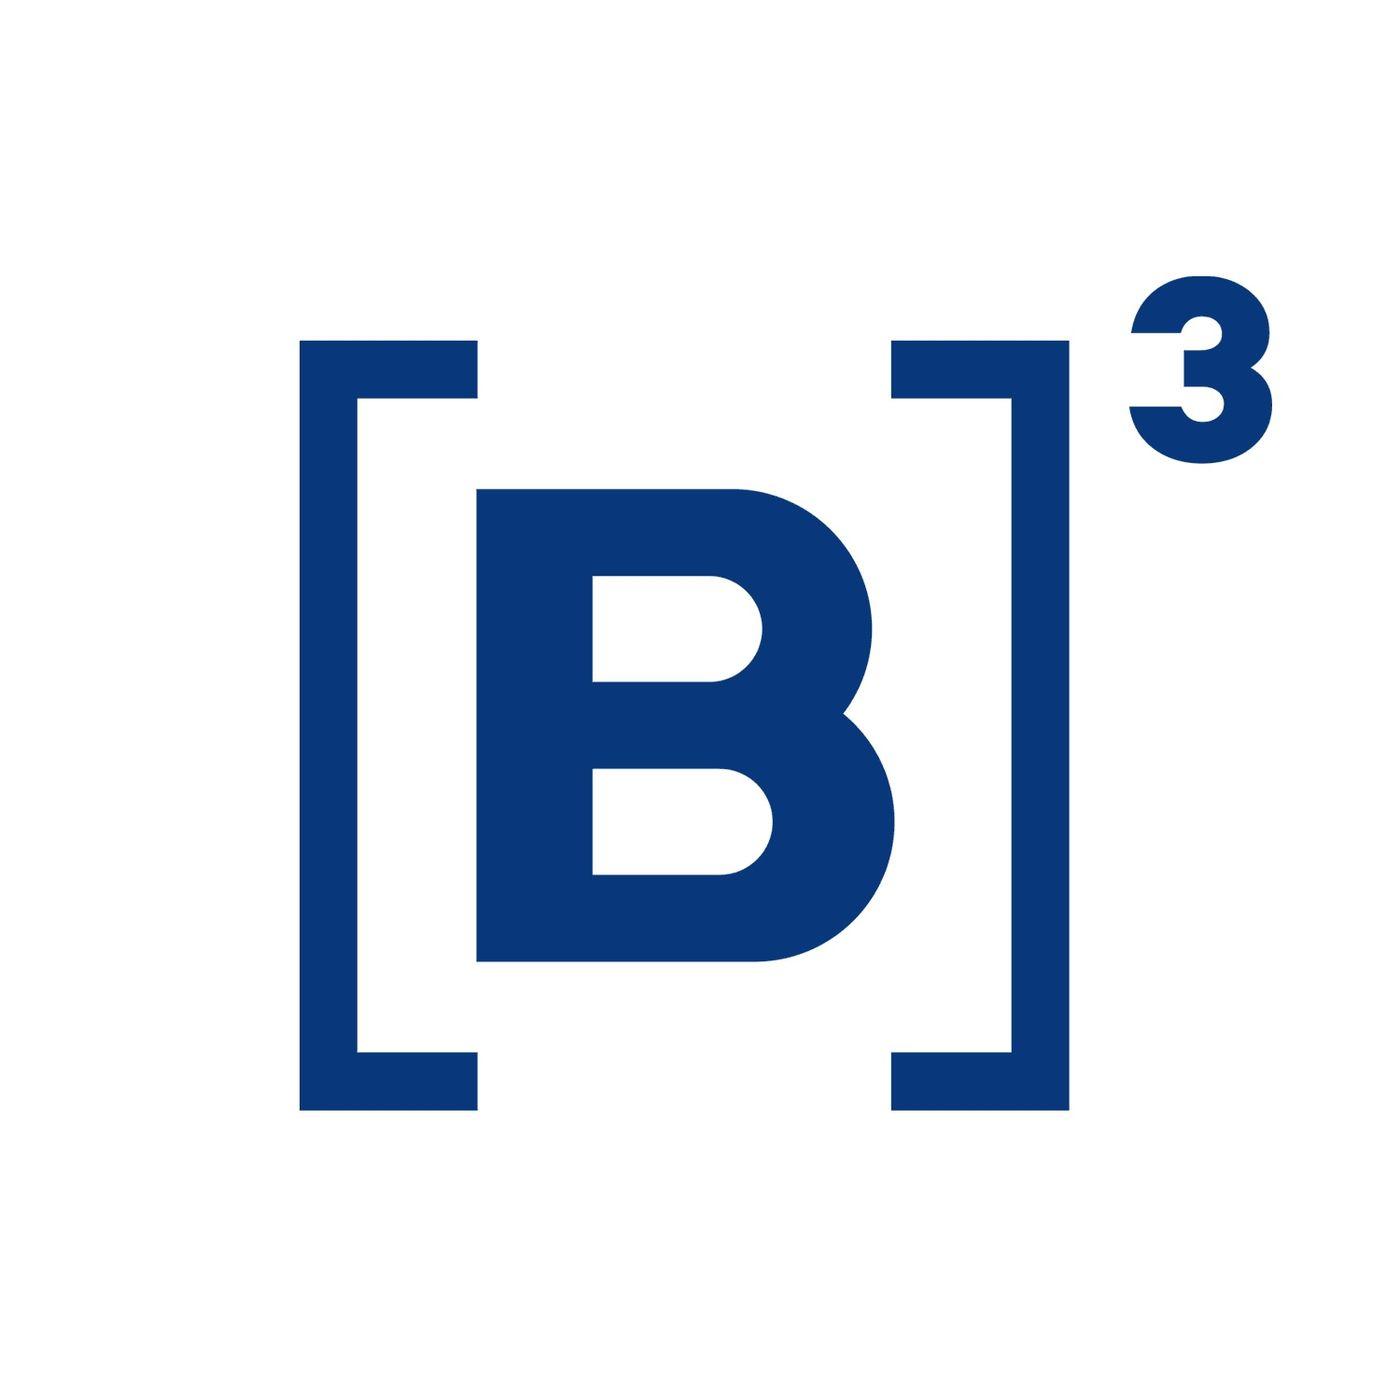 Teleconferência Resultados da B3 4t19